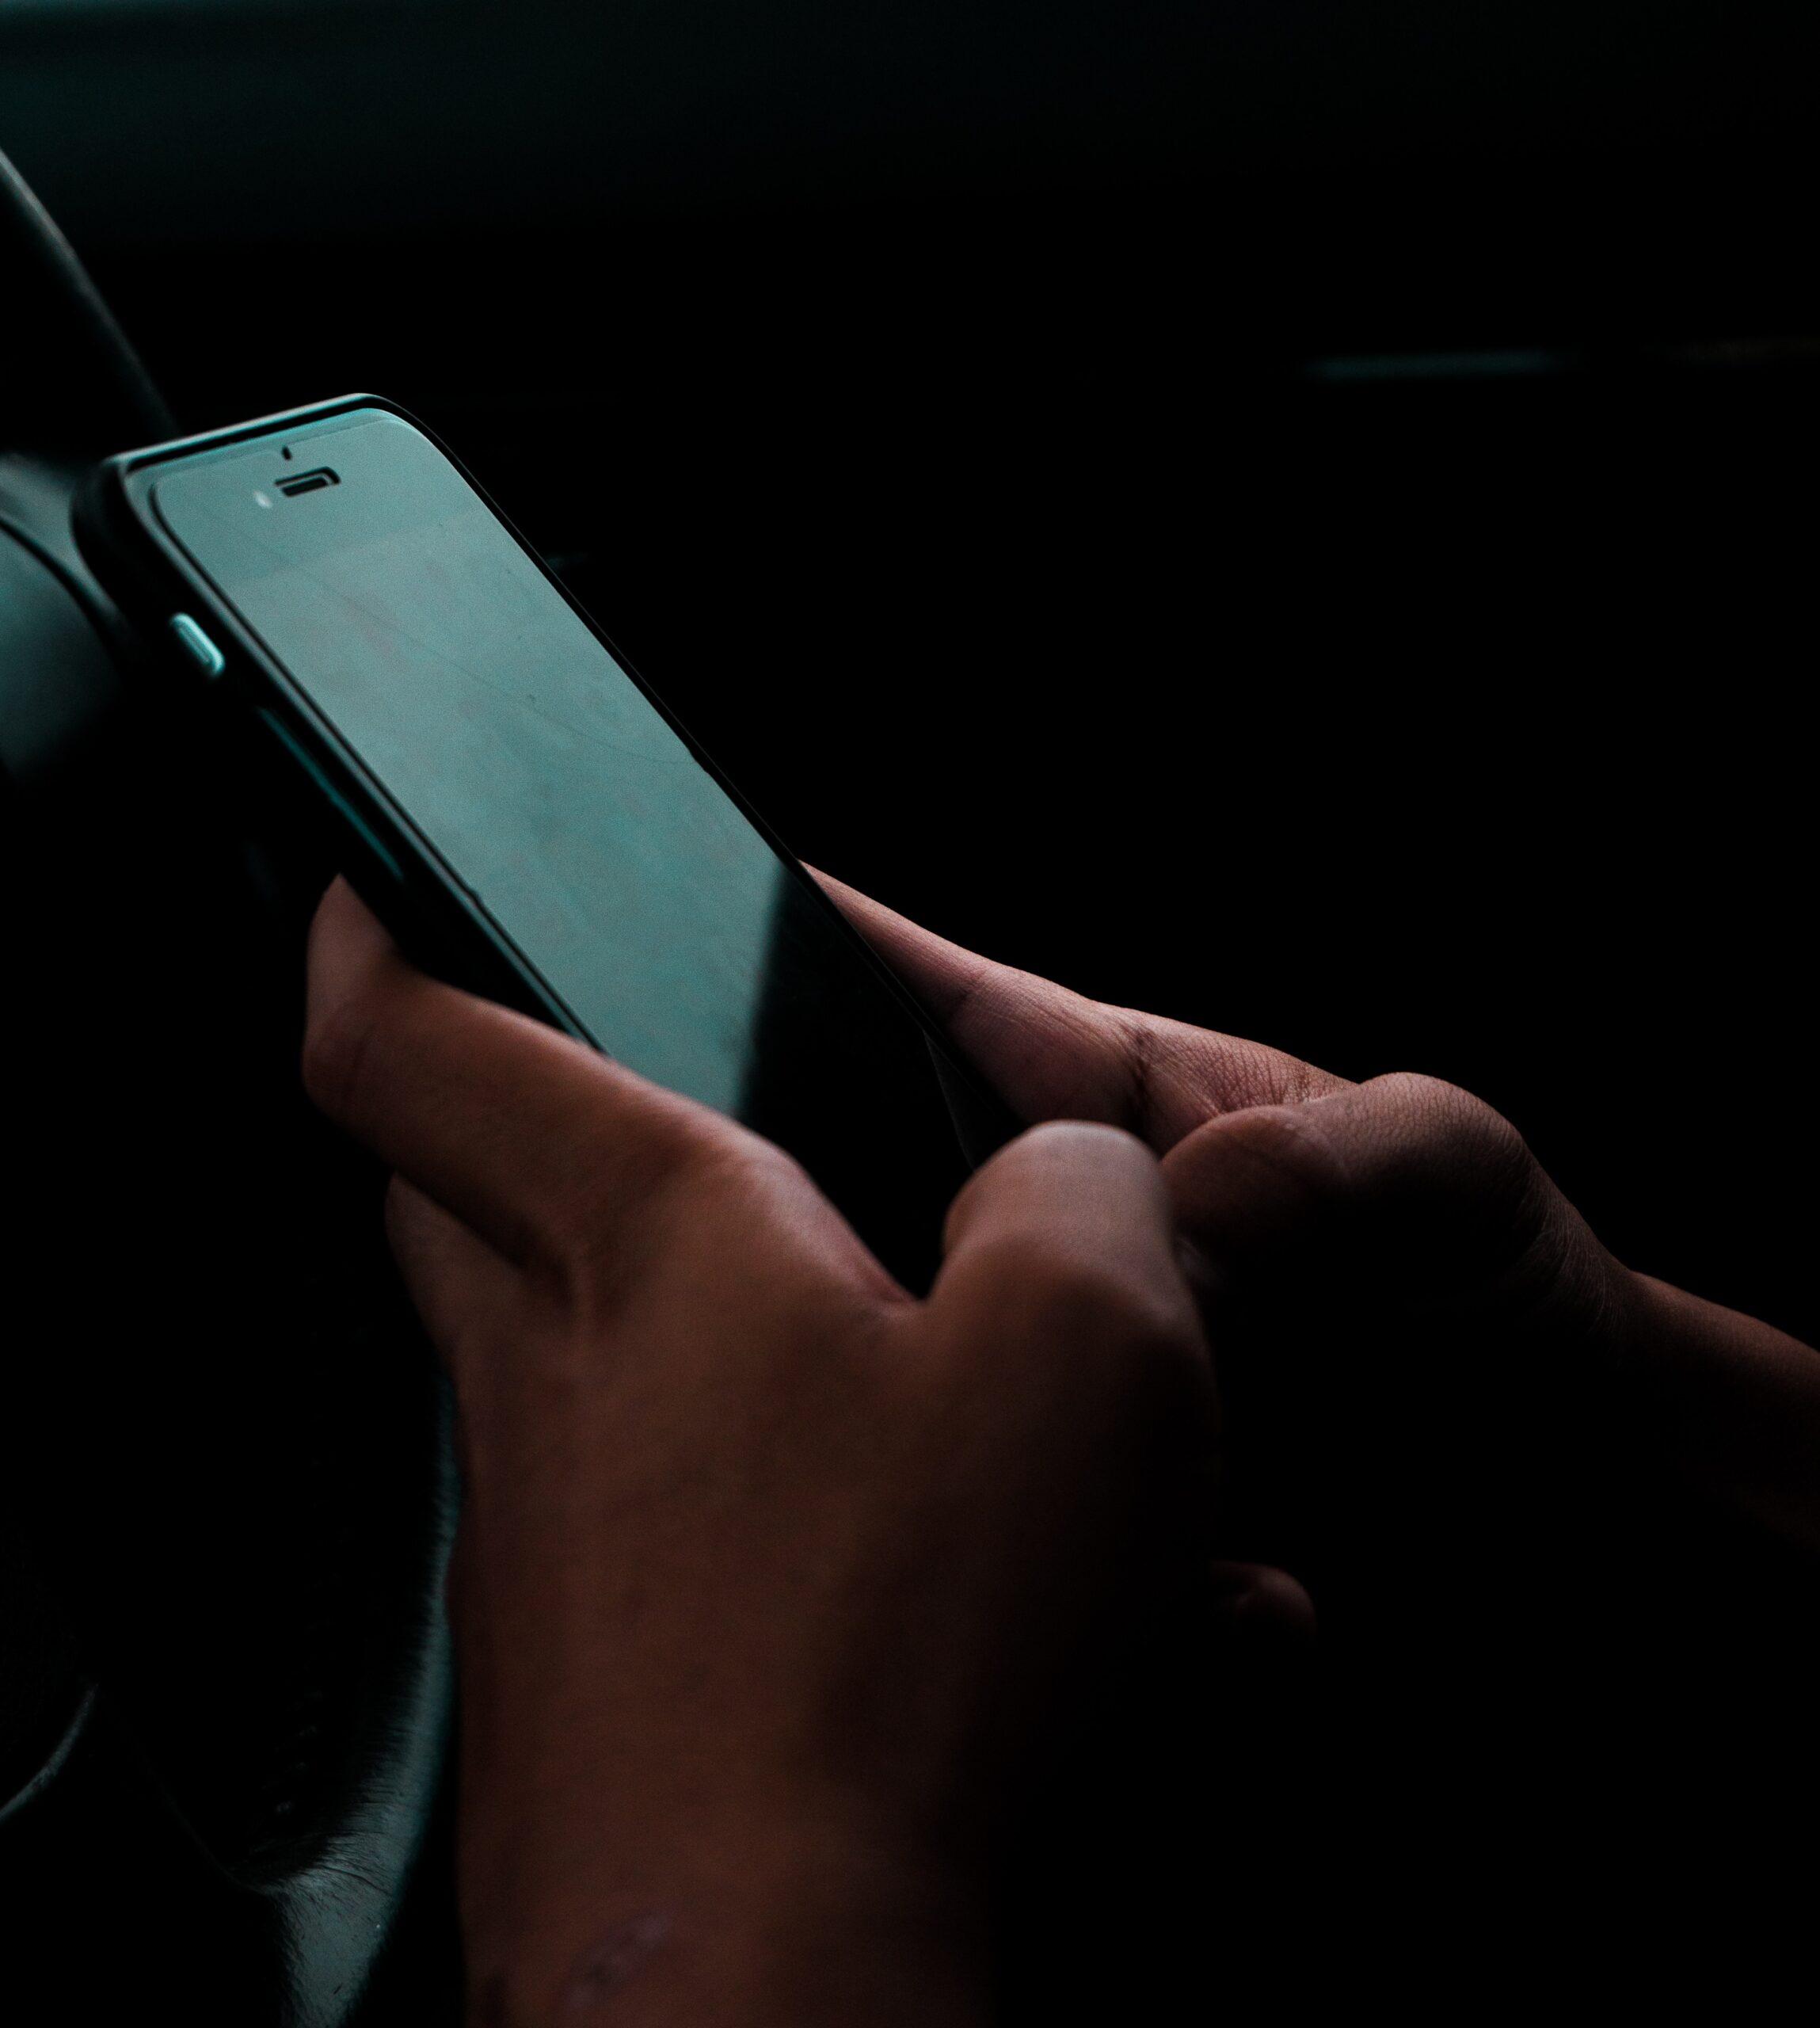 uso del móvil al volante del coche